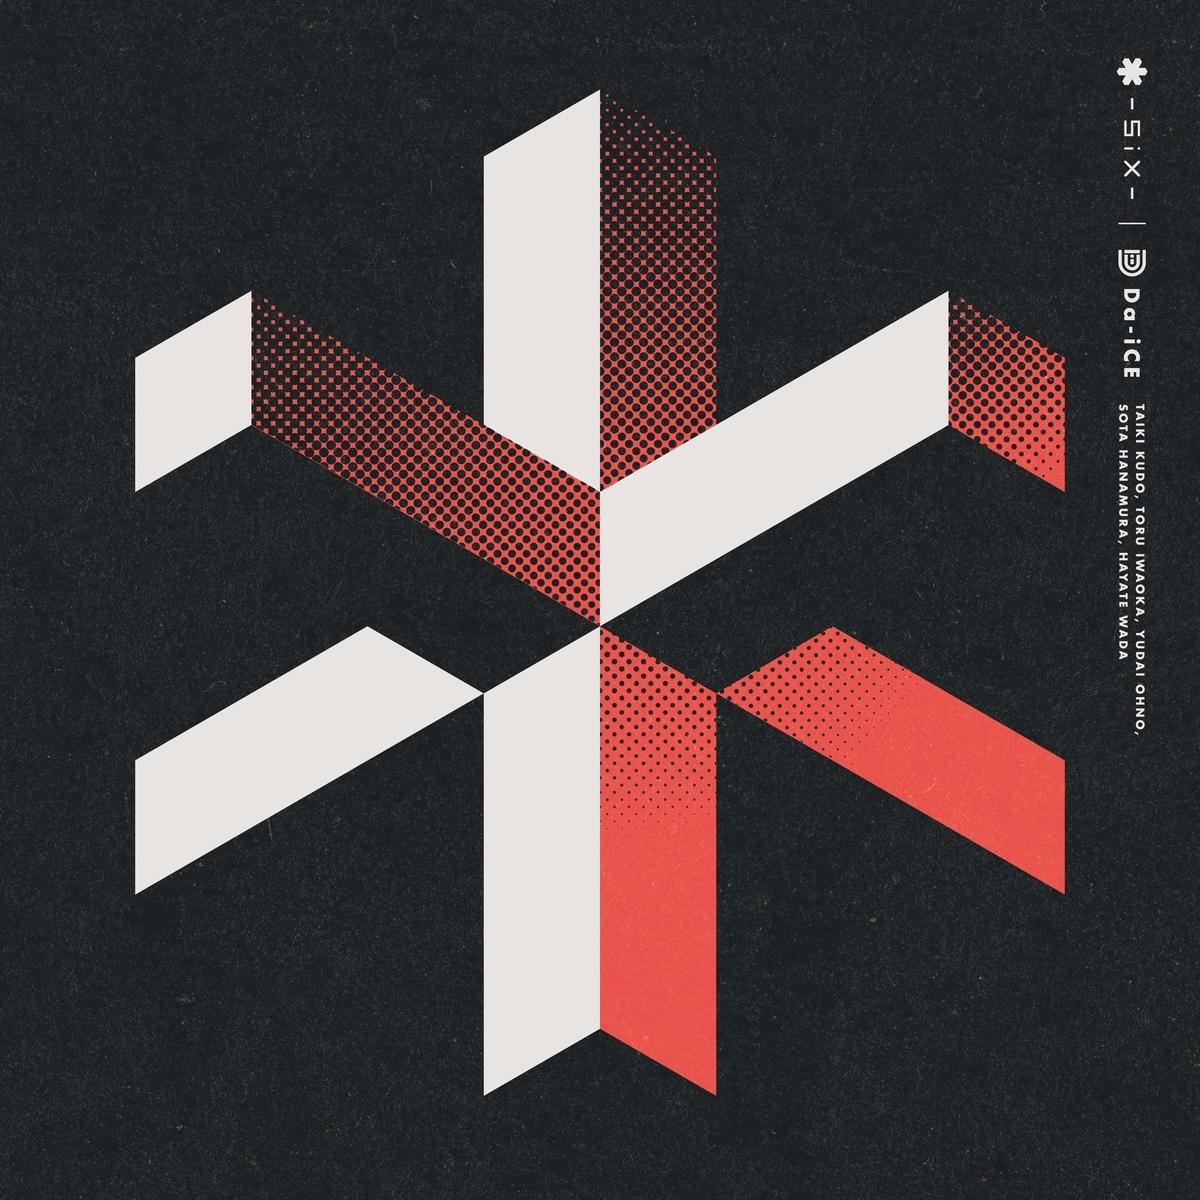 Da-iCE 6thアルバム『SiX』